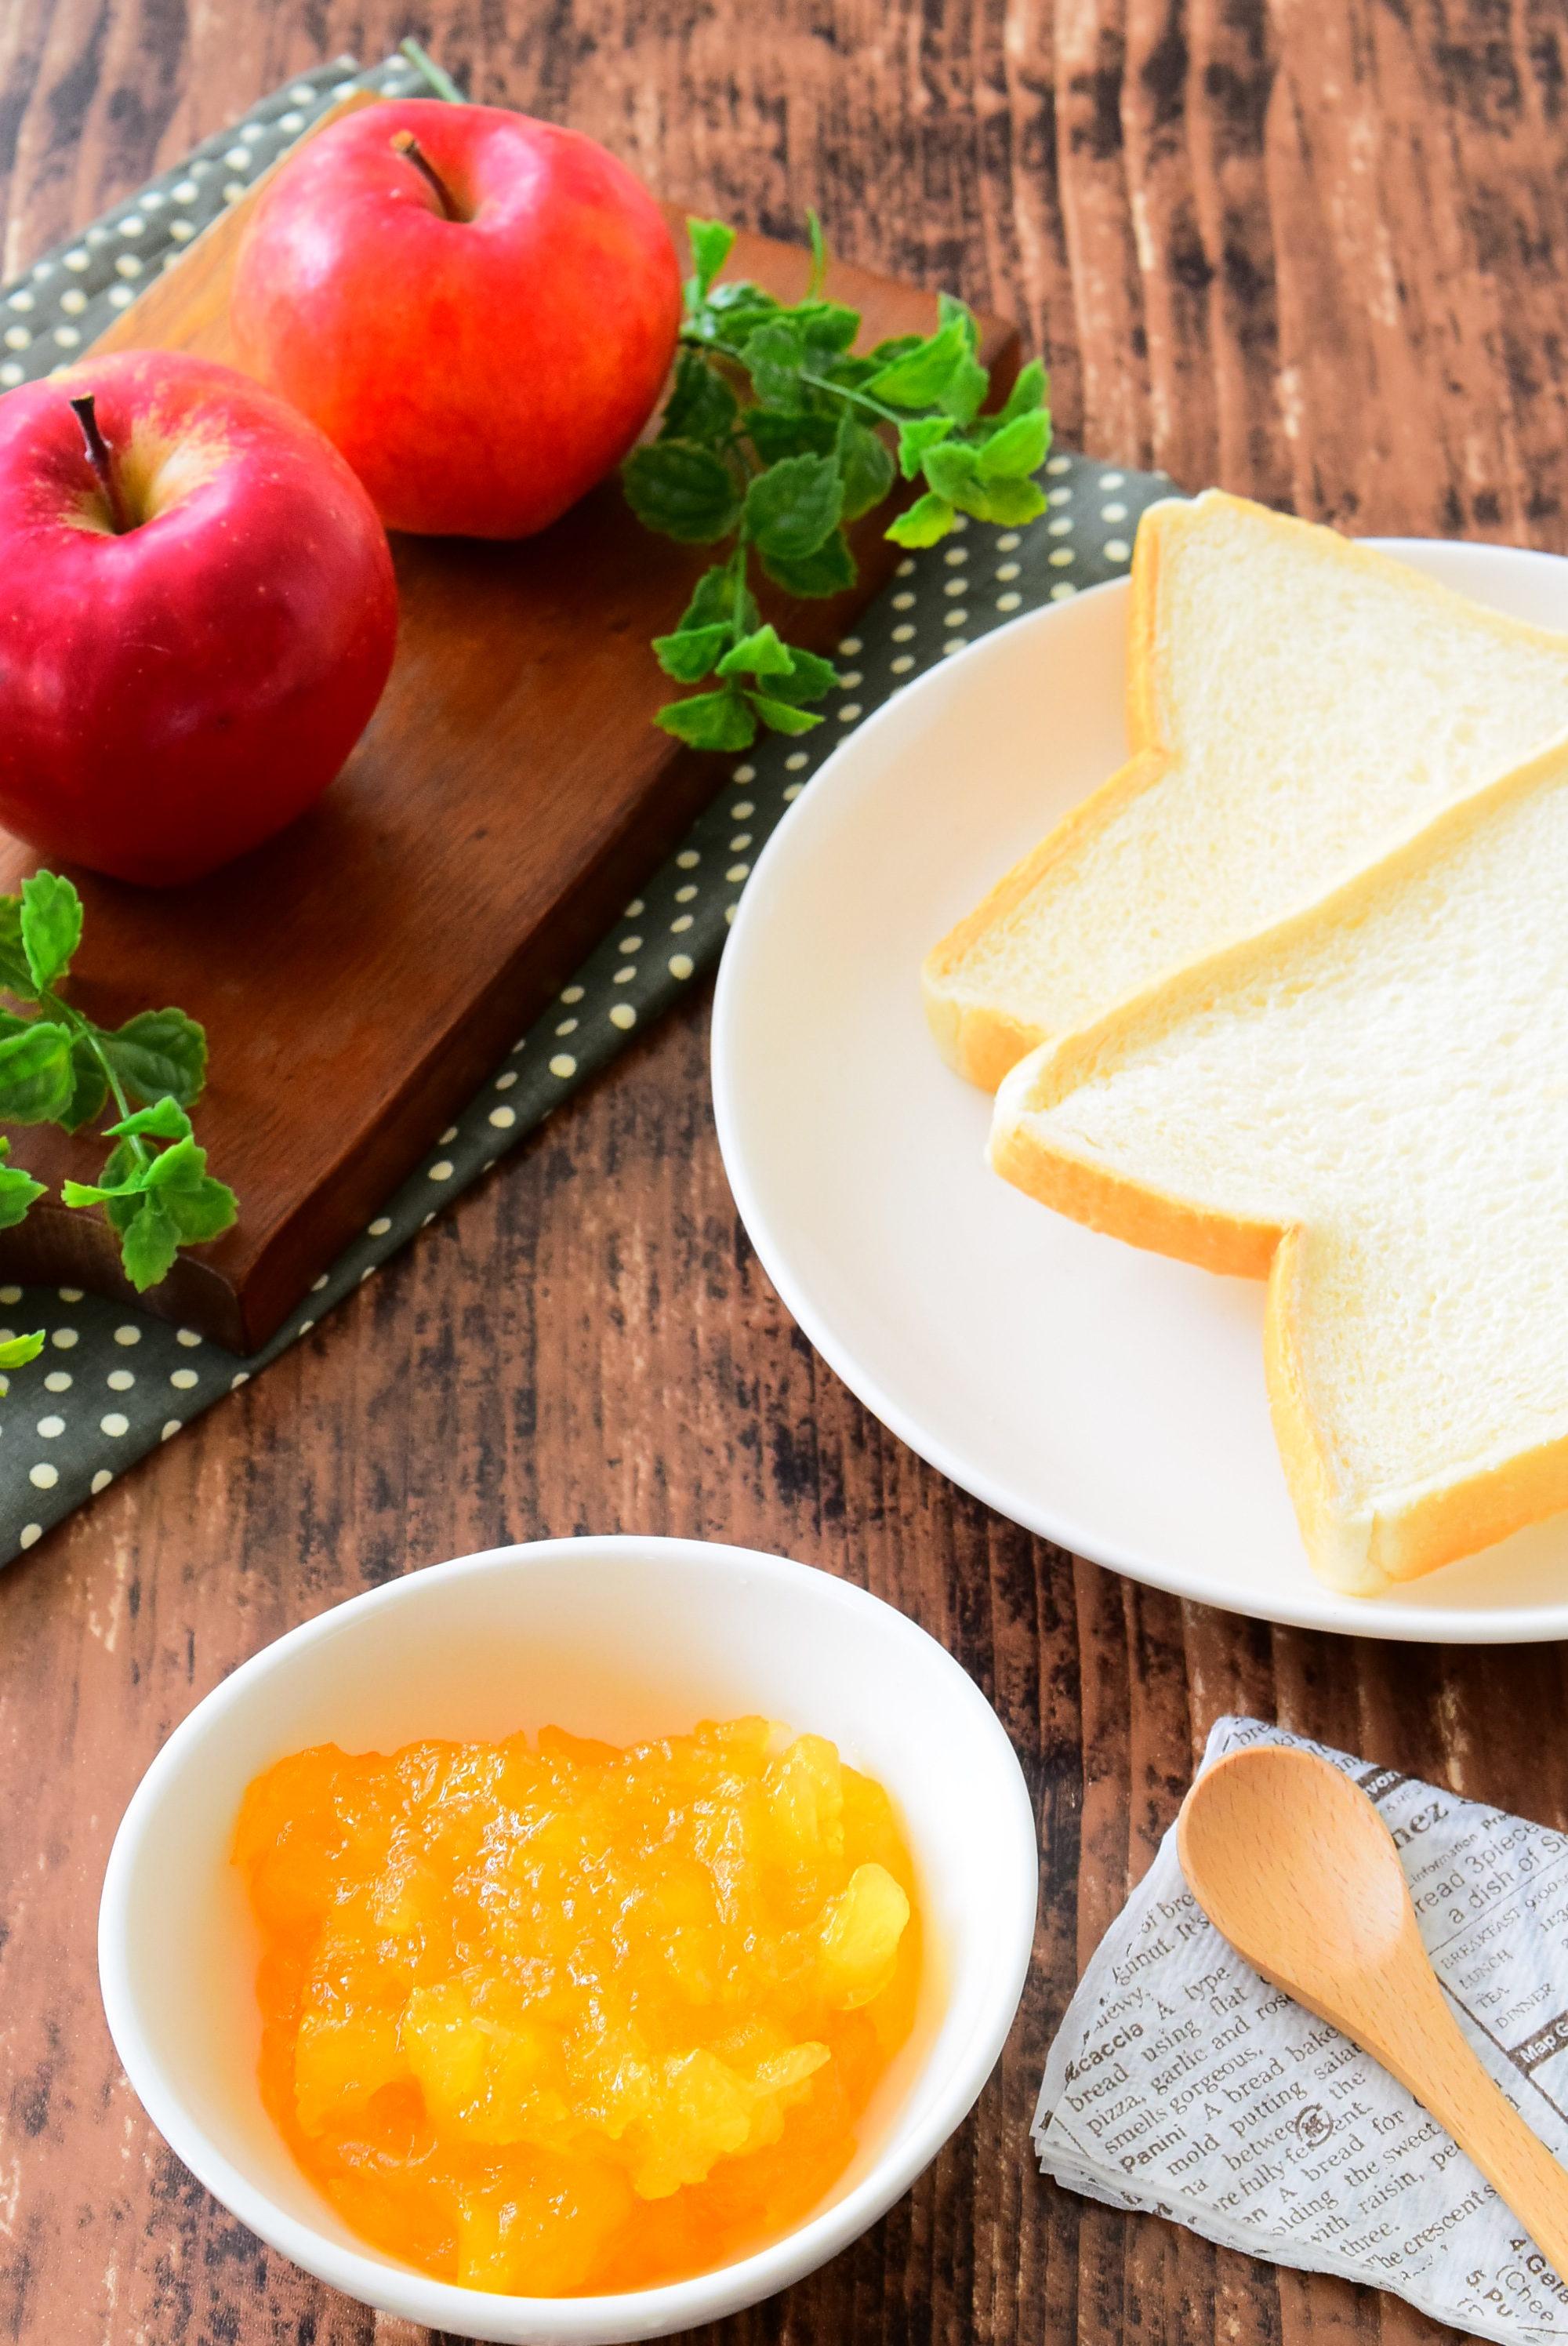 炊飯器で簡単!りんごジャムのレシピ